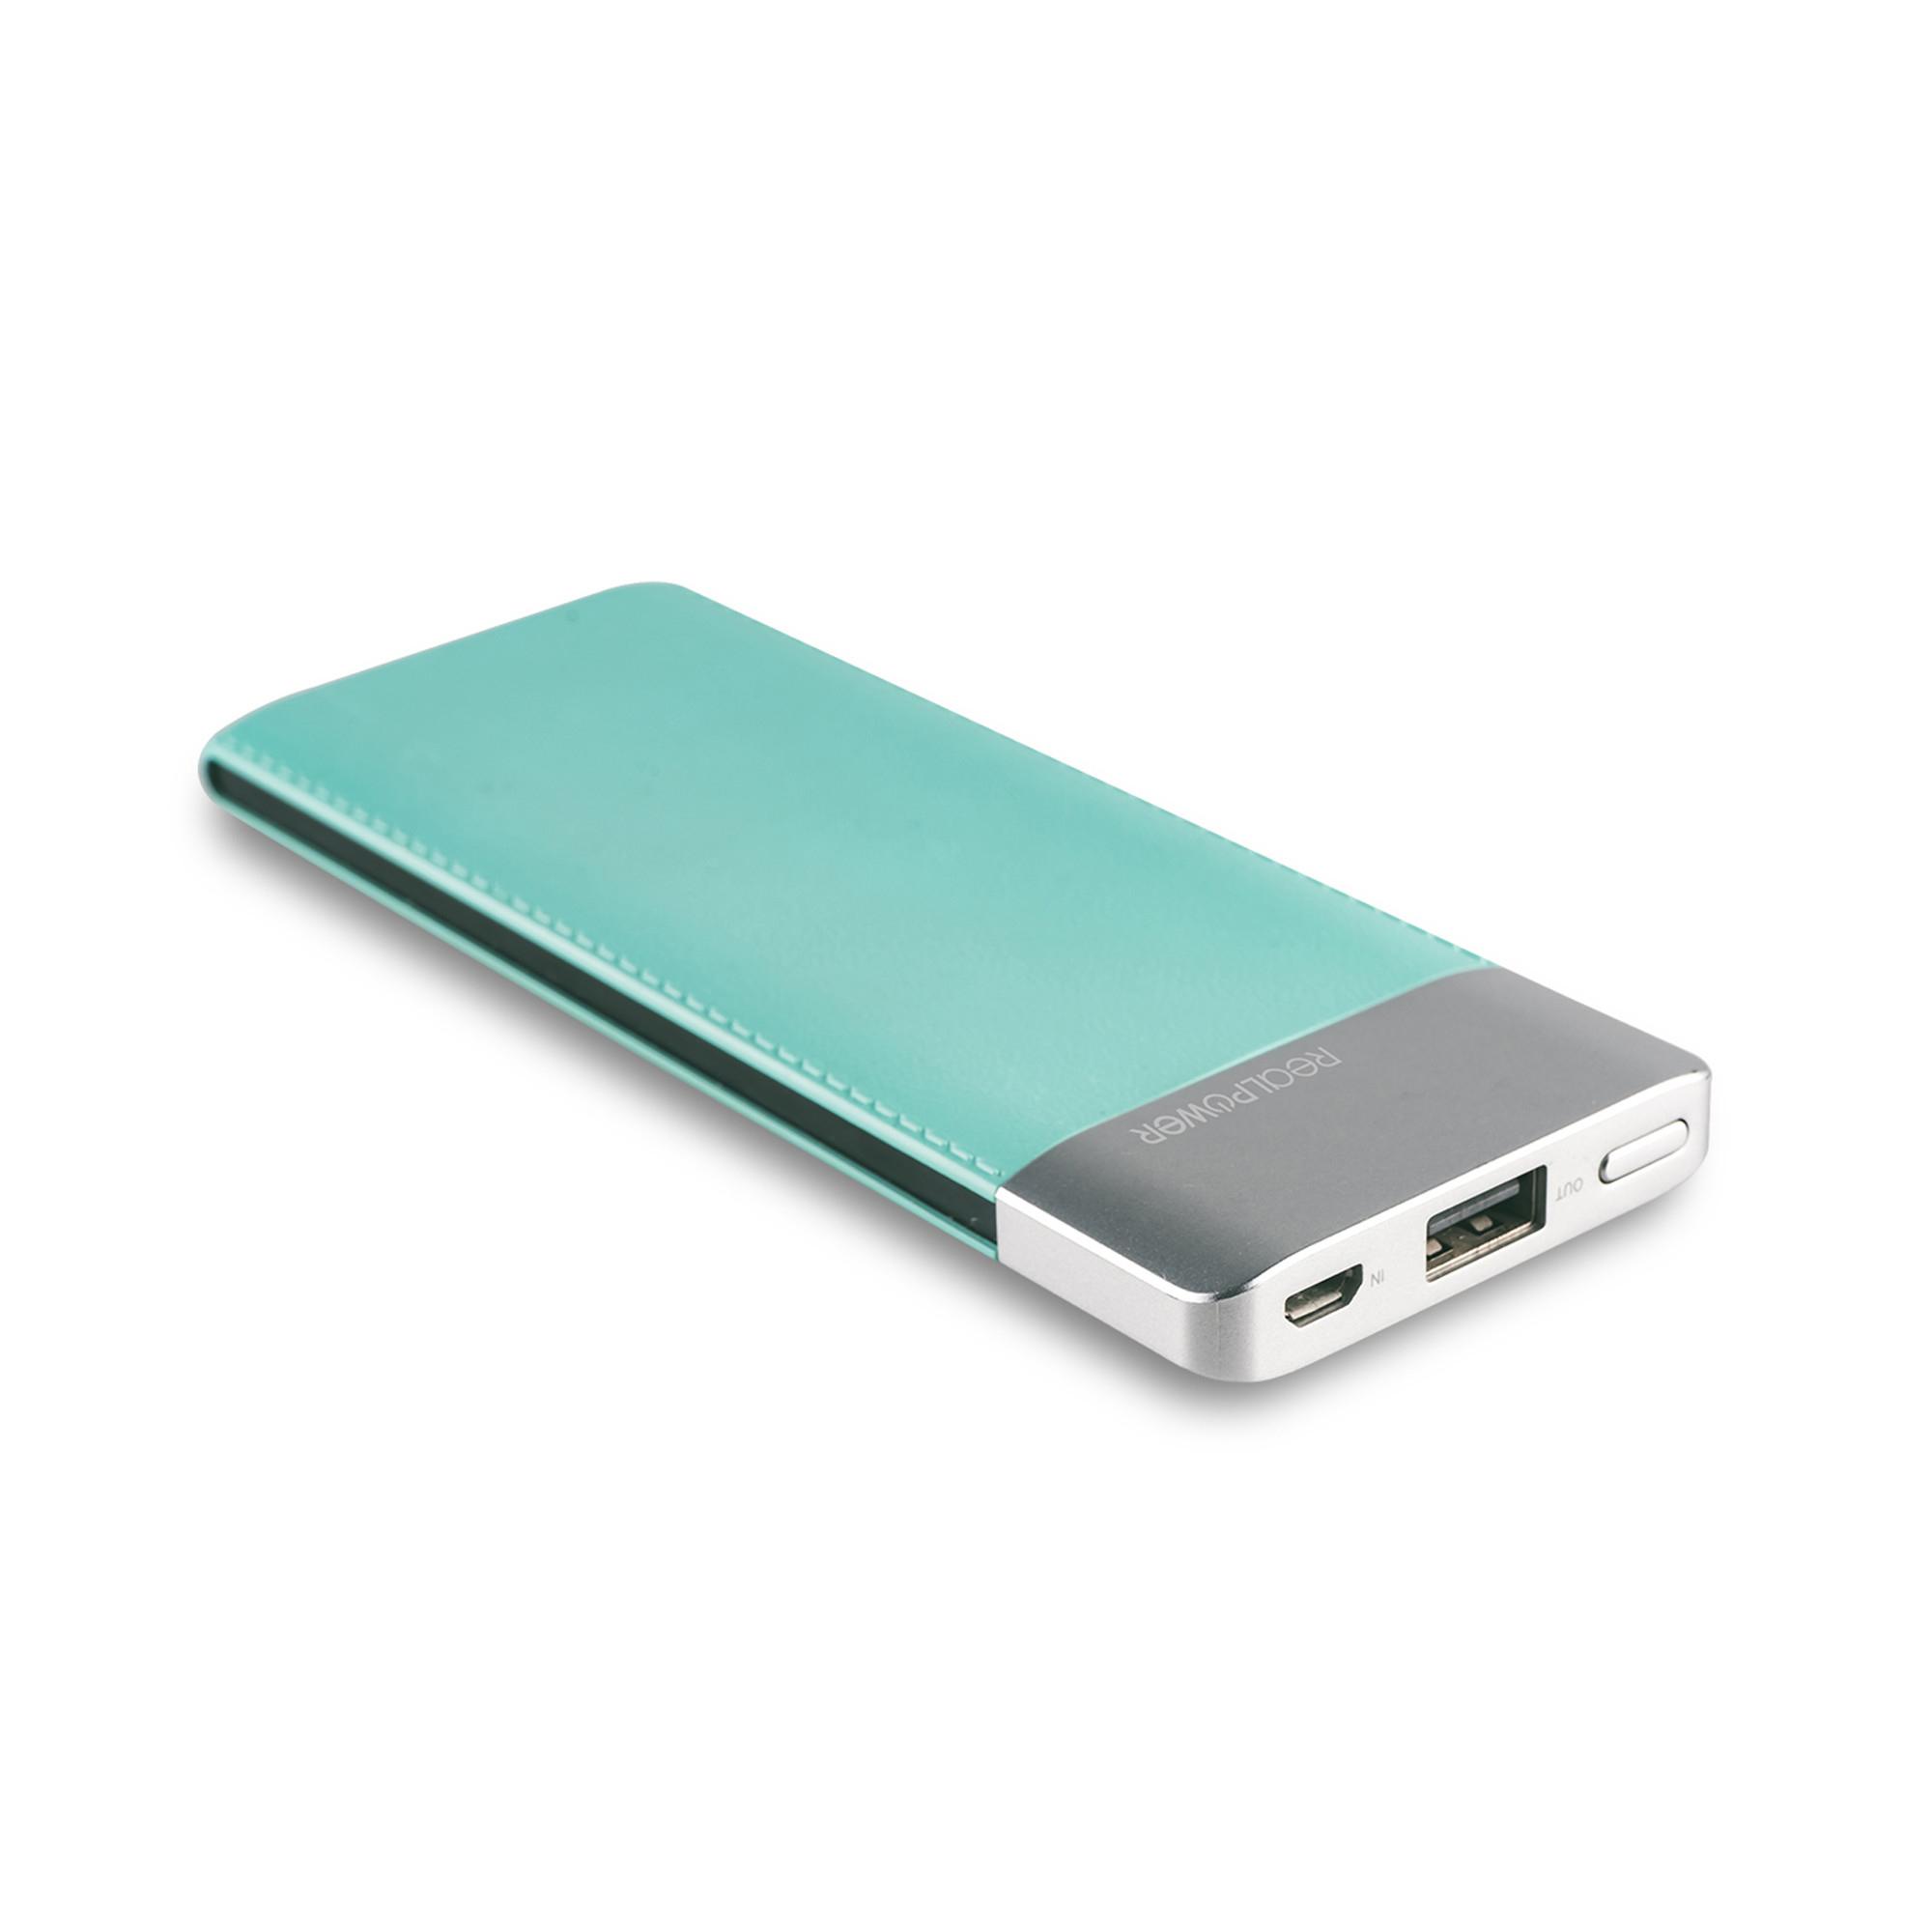 RealPower PB-5500 Fashion - Blau - Universal - Rechteck - Lithium Polymer (LiPo) - 5500 mAh - USB